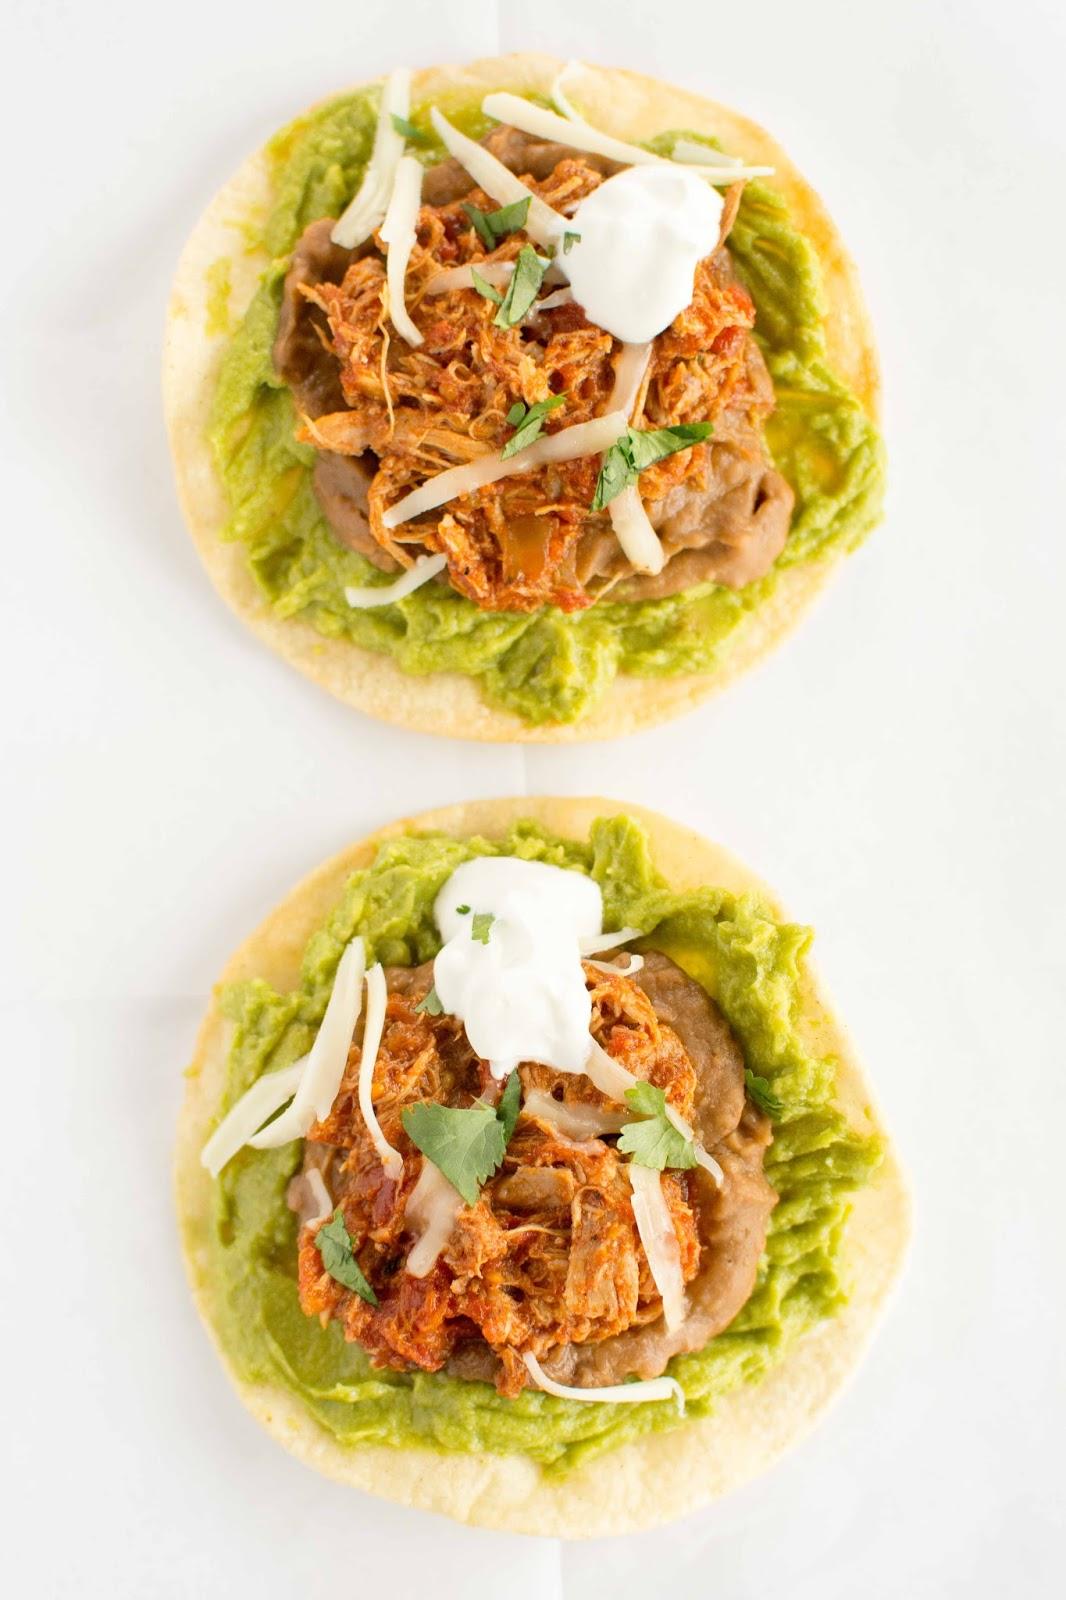 how to make tostadas at home